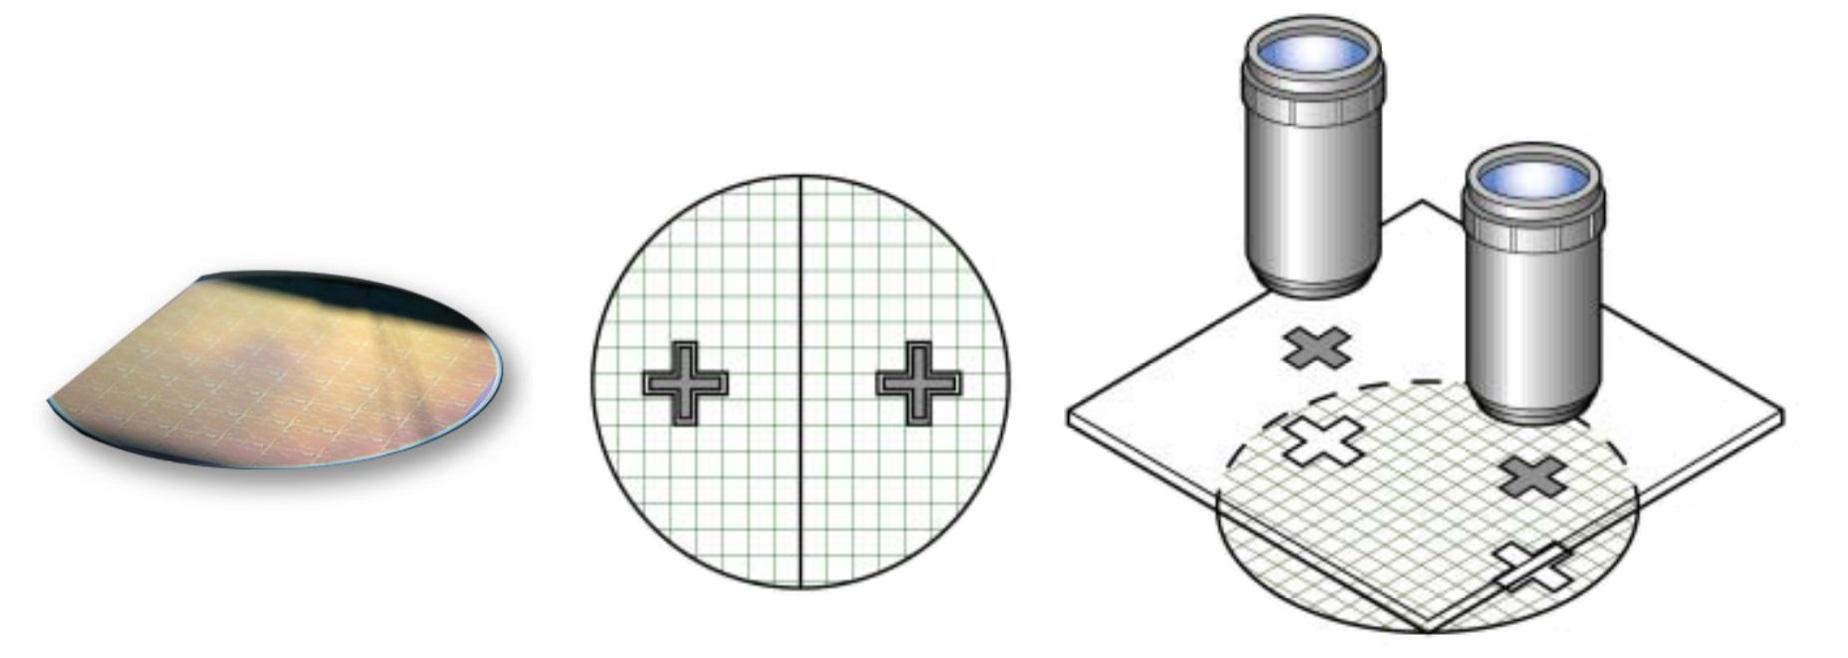 Литография оборудование